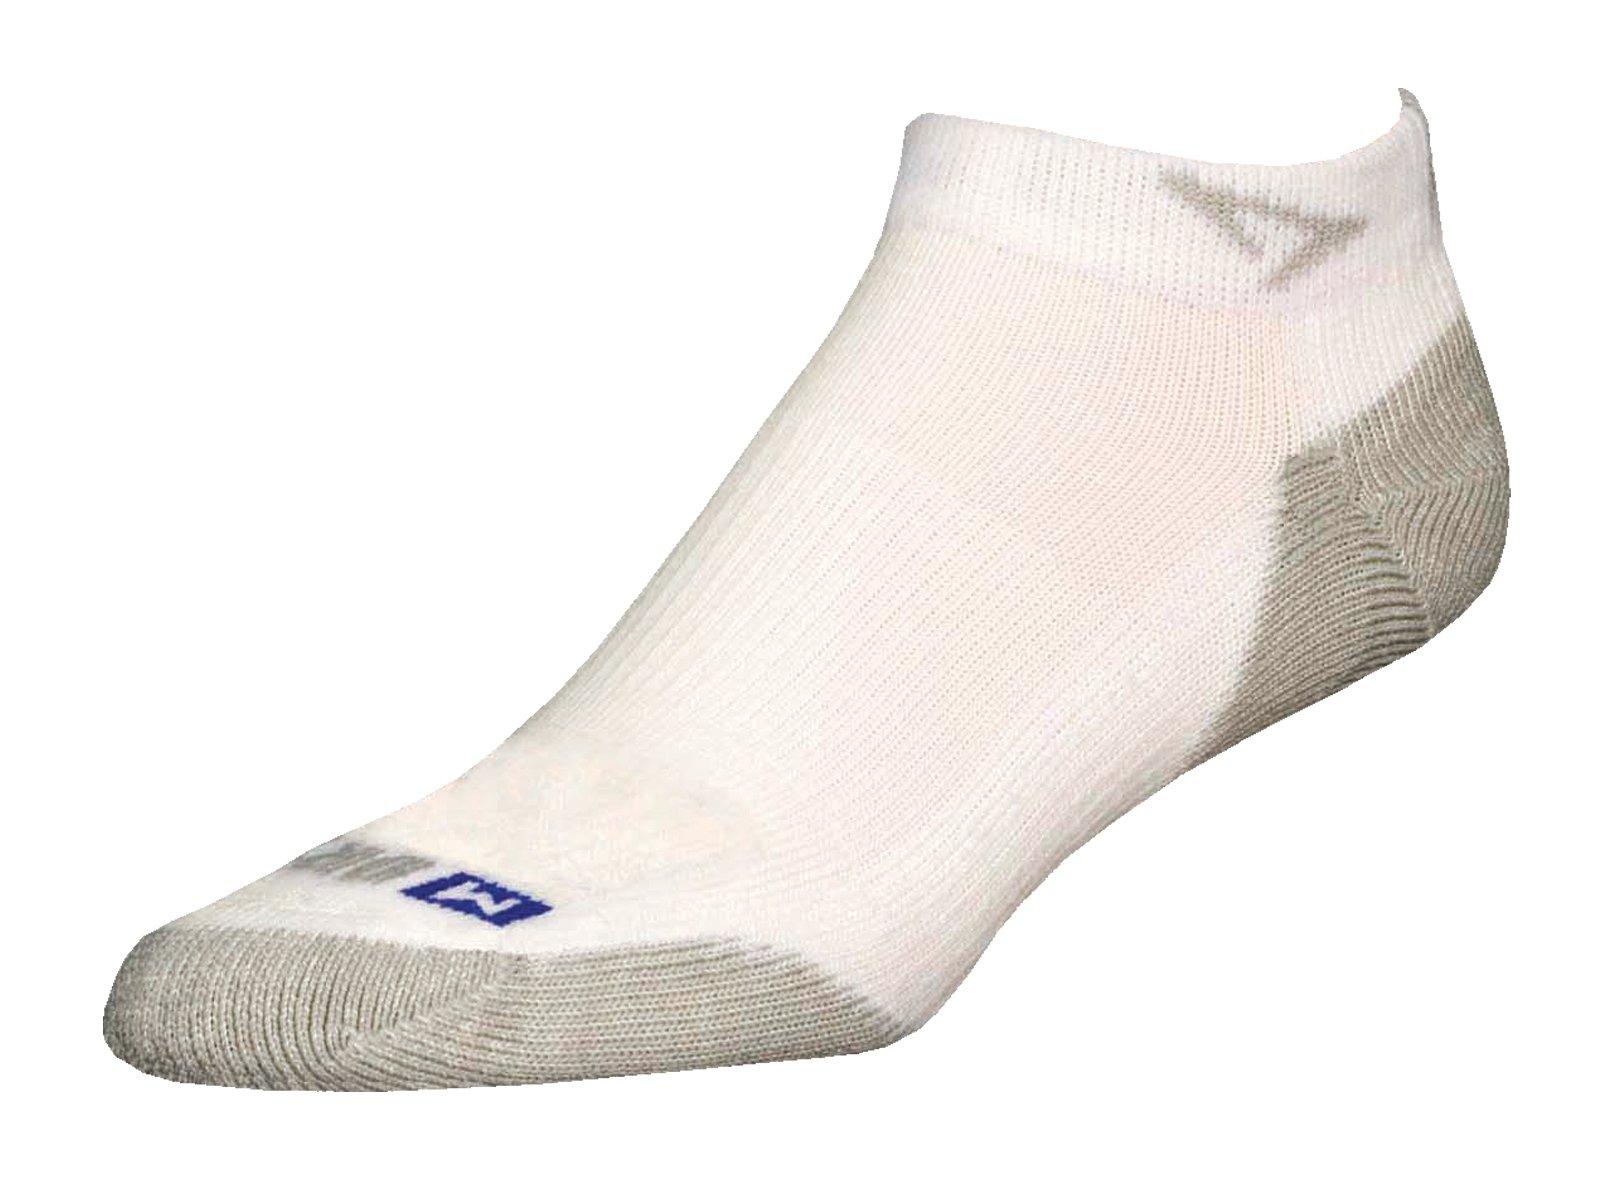 Drymax Run Mini Crew Socks